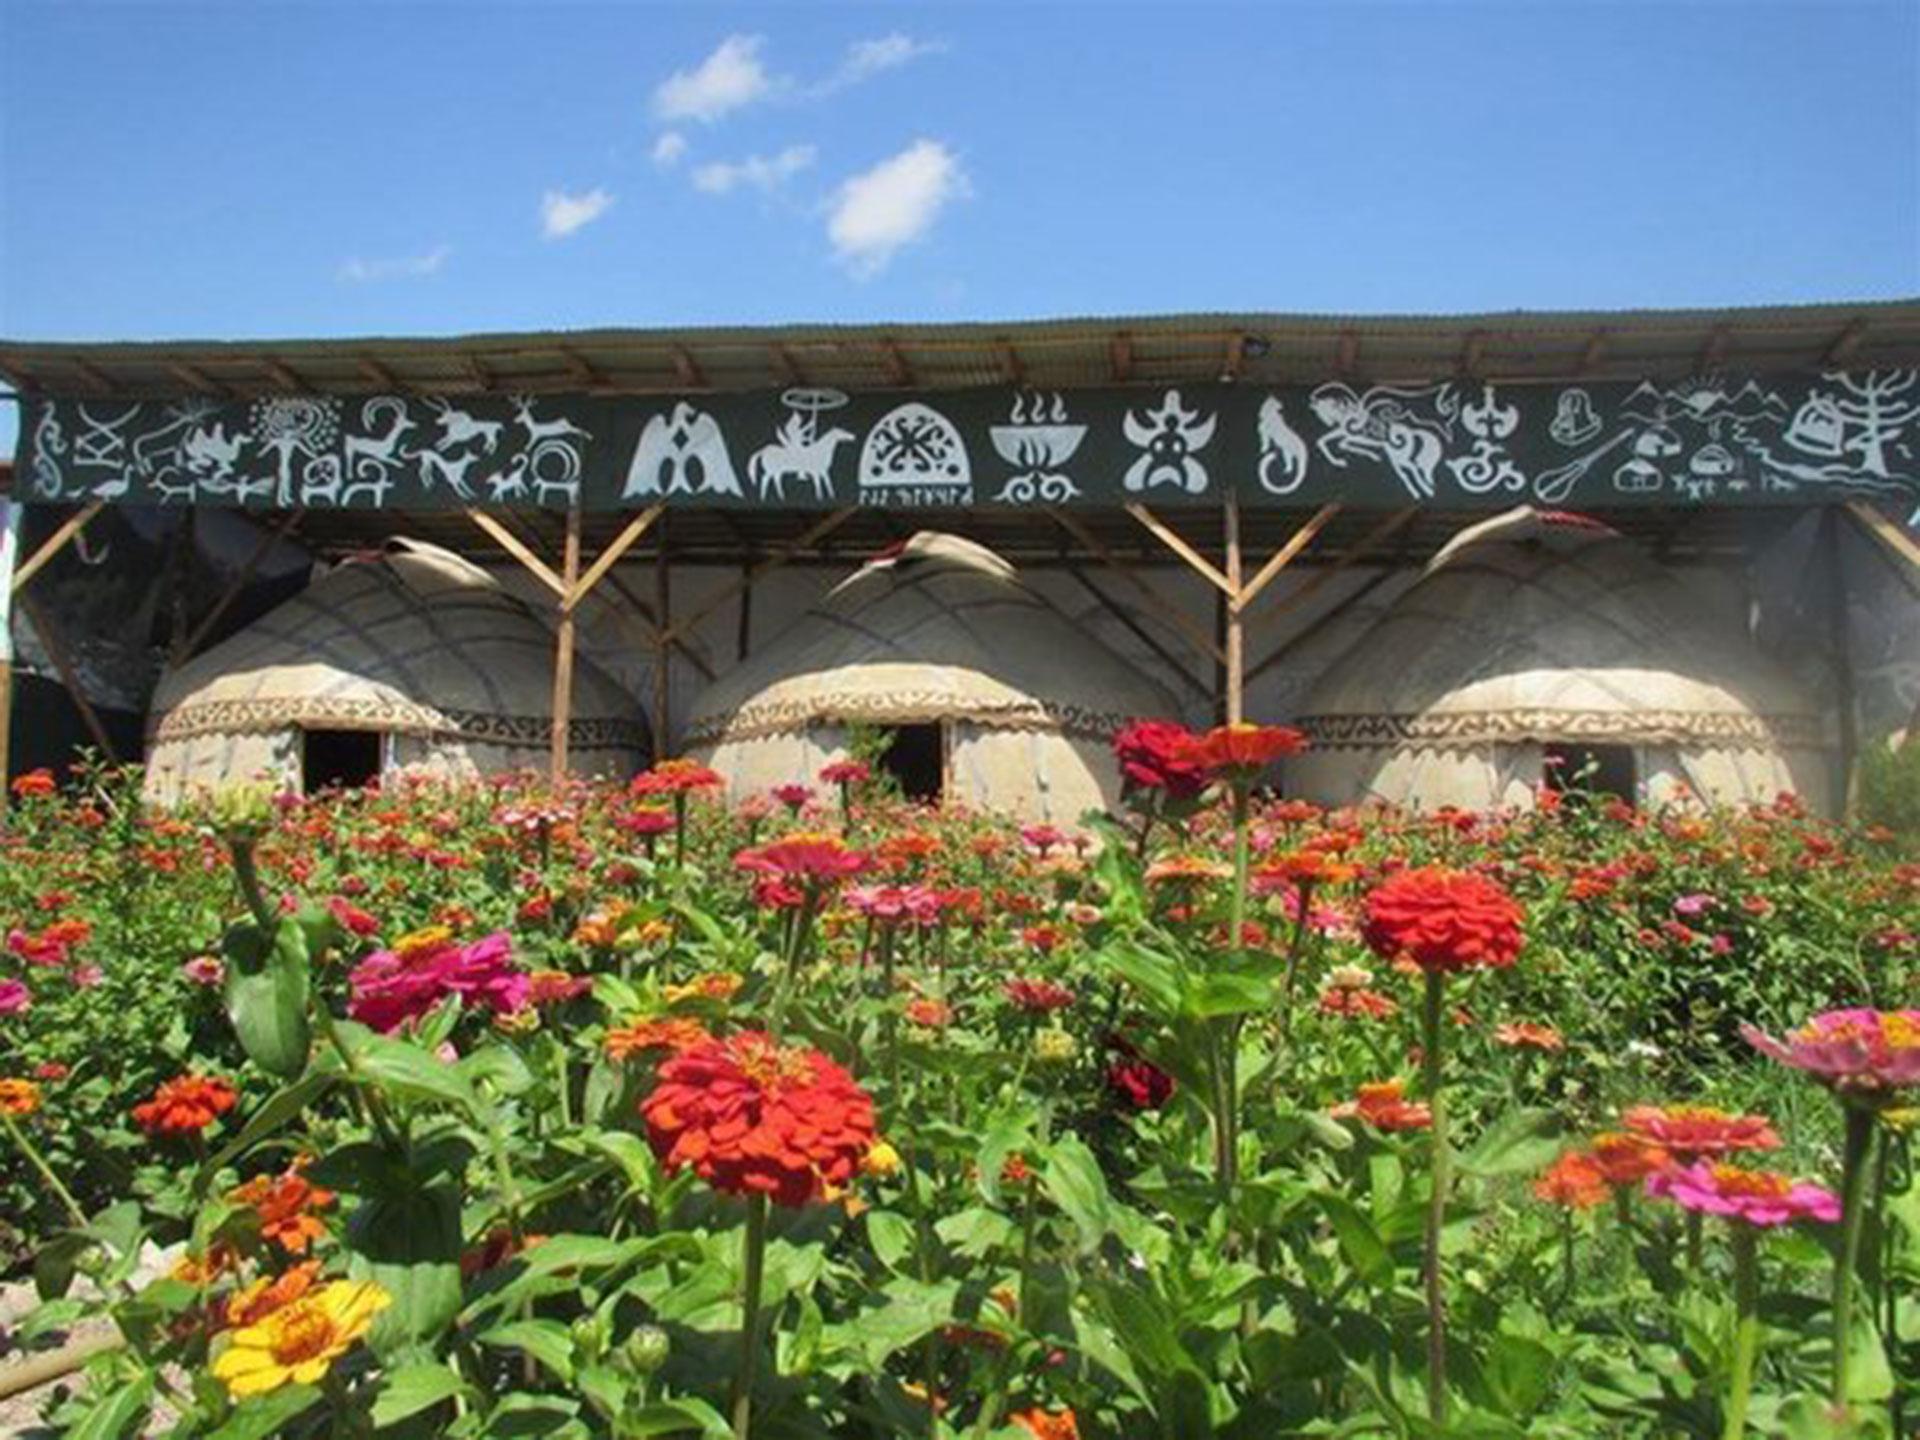 Happy Nomads Village (Karakol, Kirguistán). Las habitaciones están inspiradas en las tiendas tradicionales de las tribus nómadas kirguisas